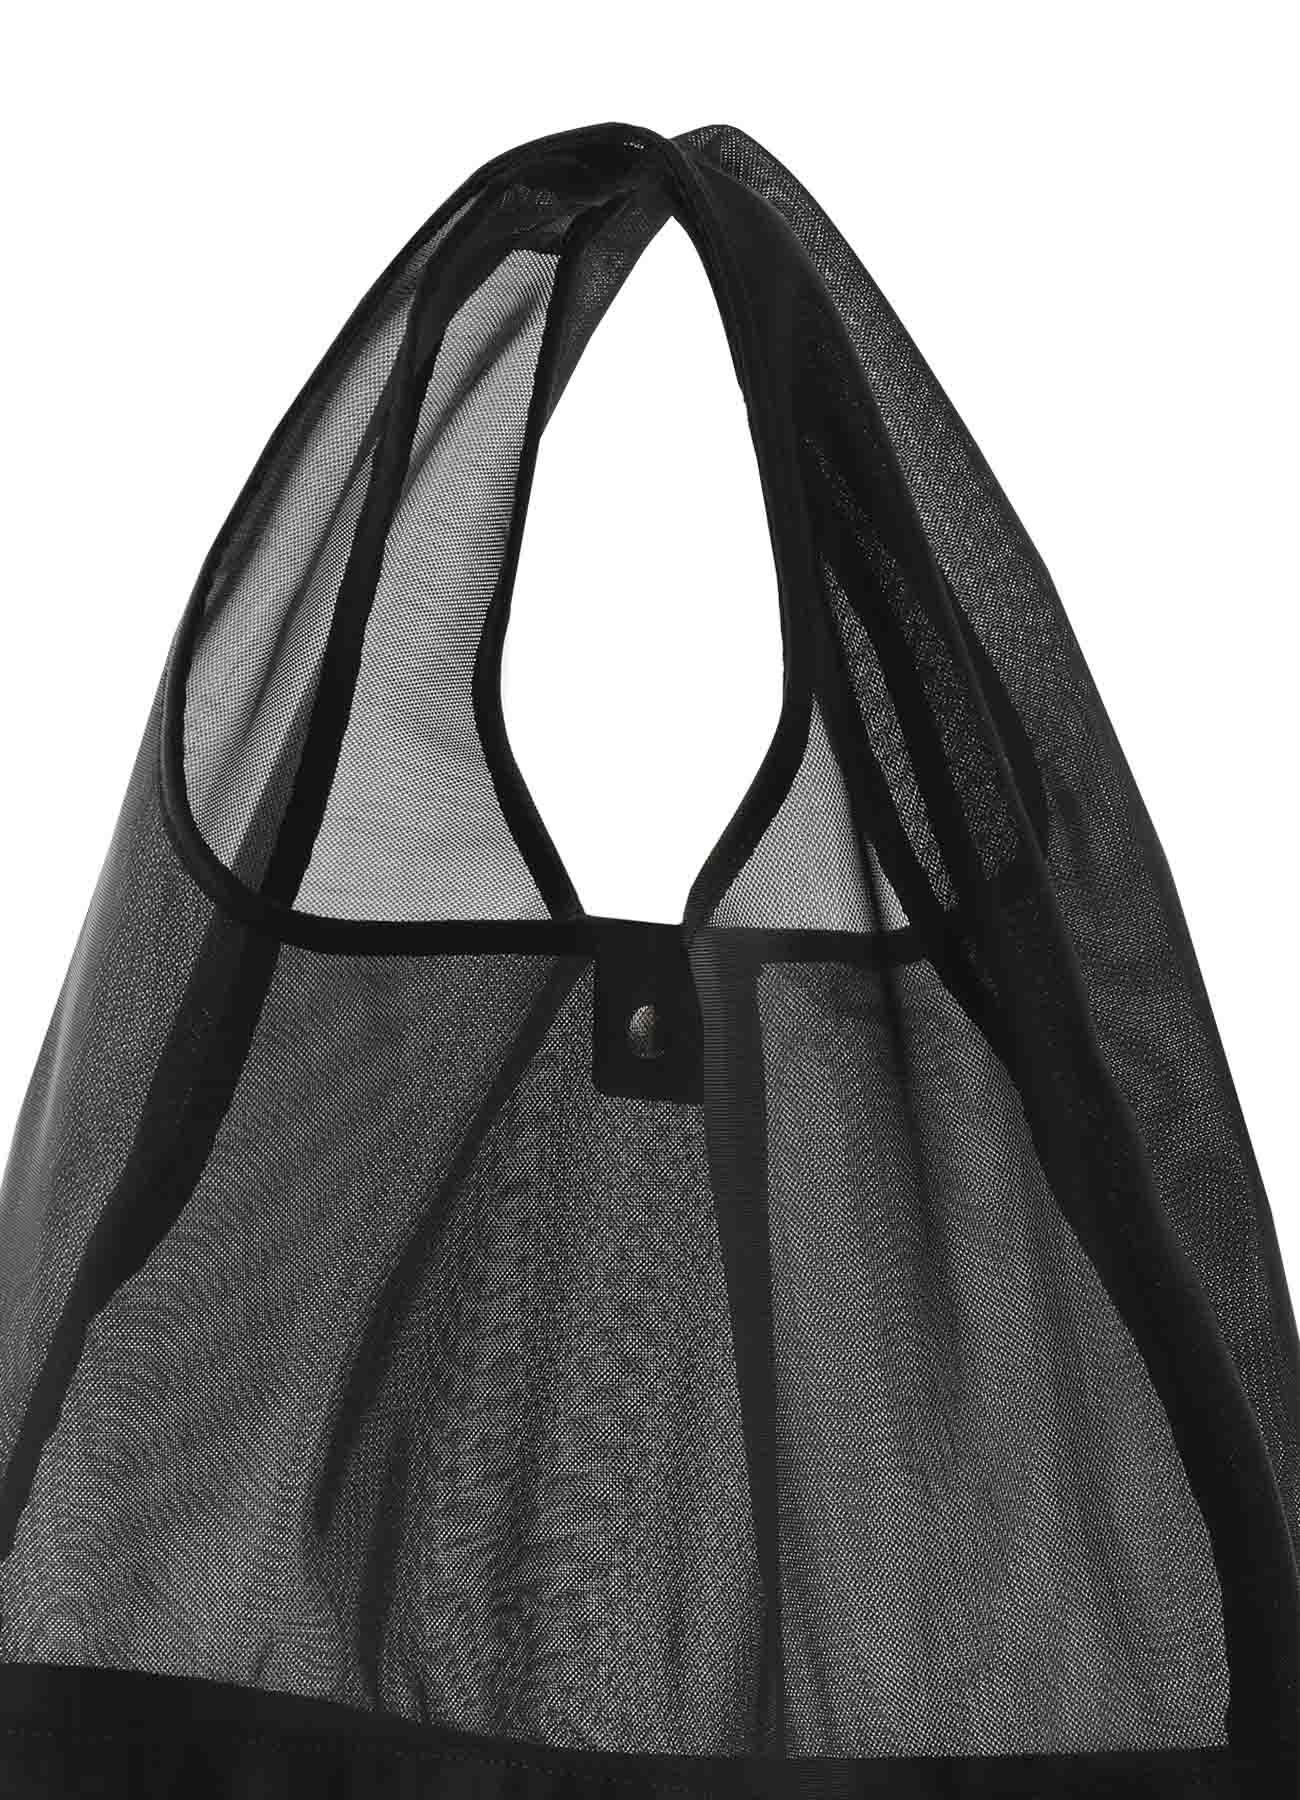 LOGO Mesh Bag